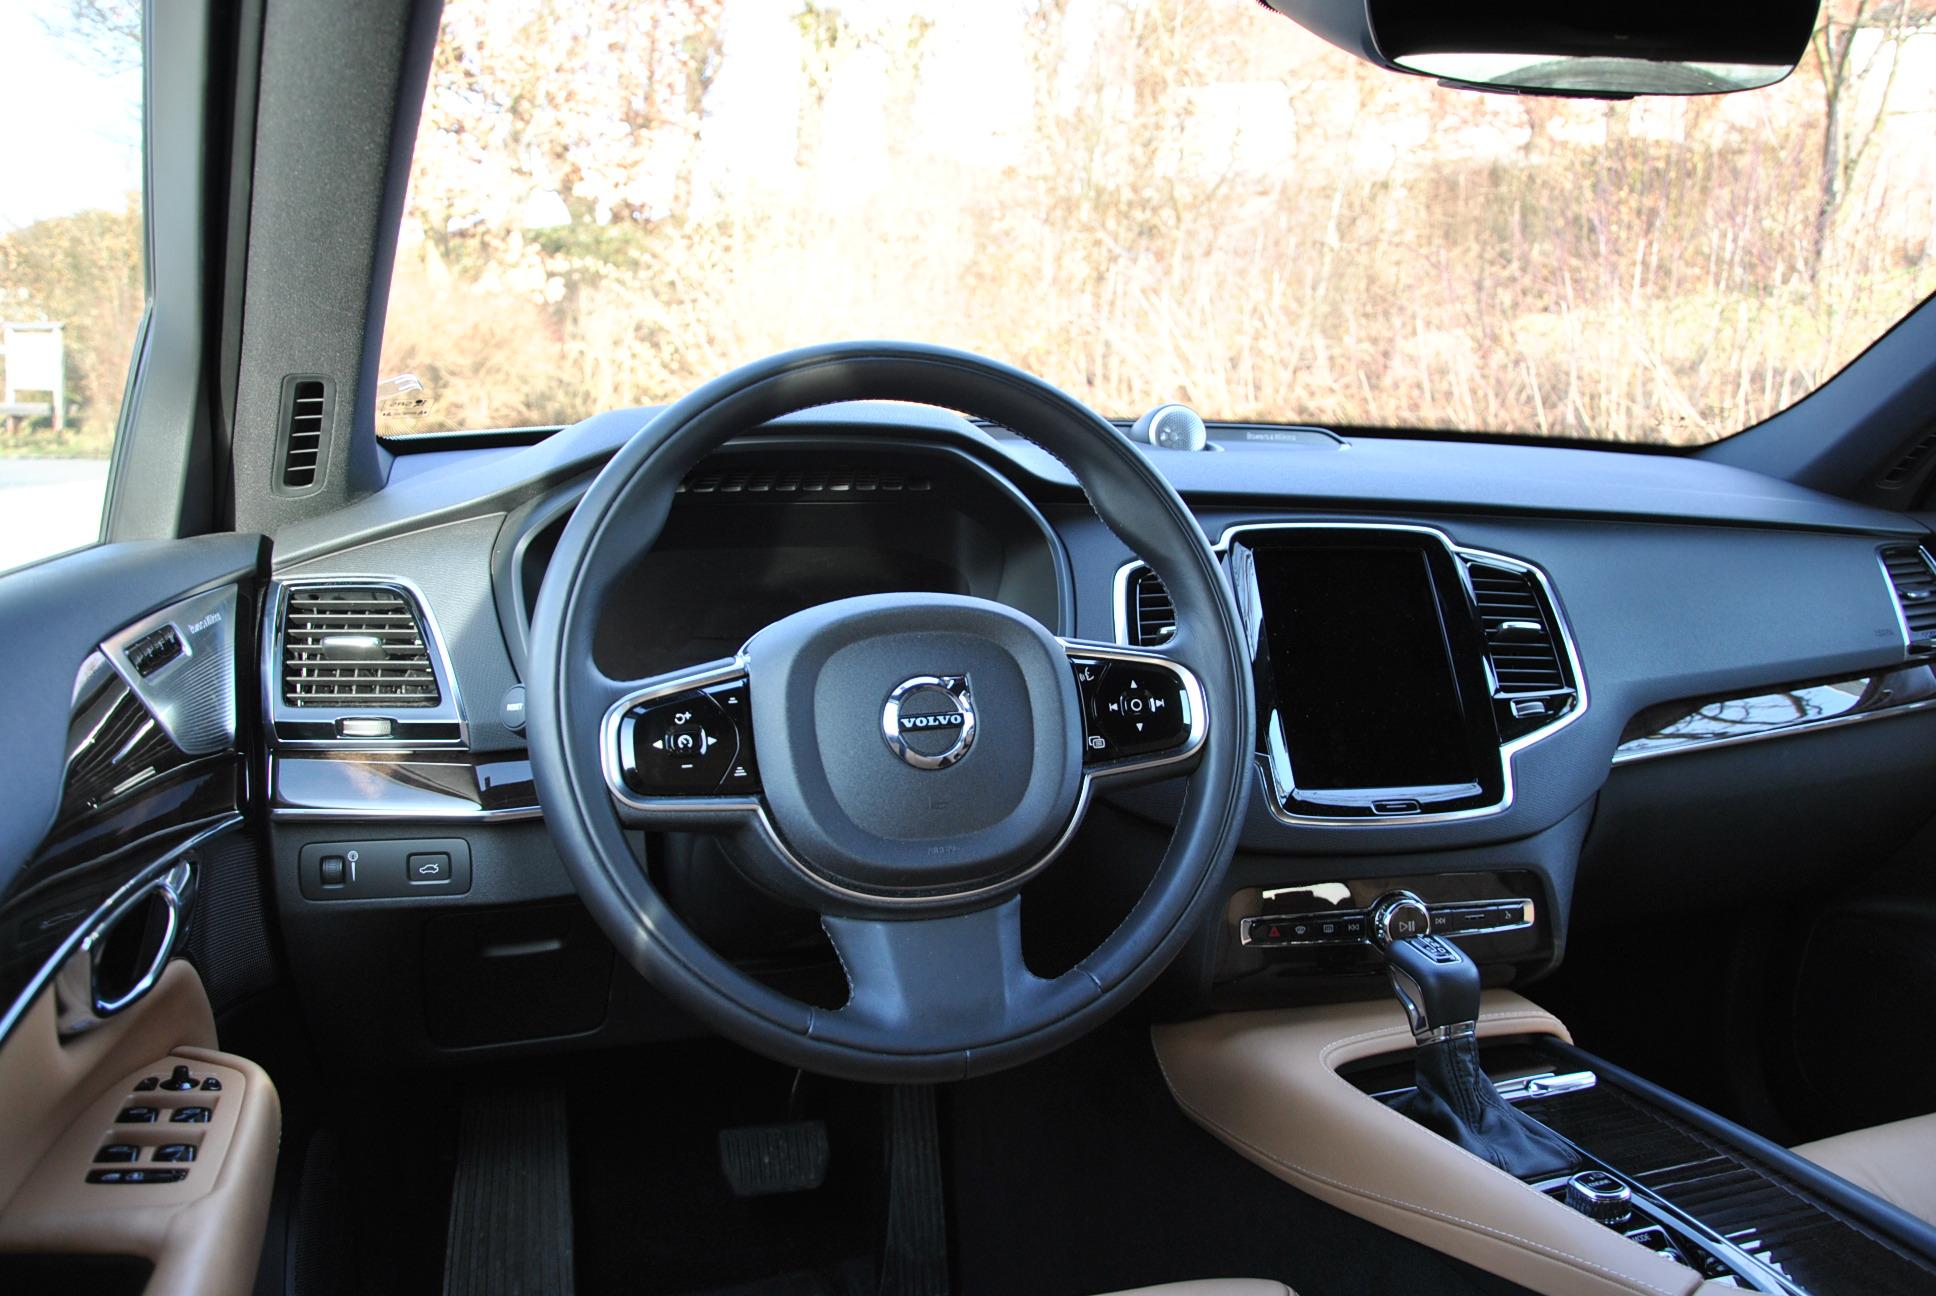 Das Interieur des neuen Volvo XC90 zeigt sich so luxuriös wie bei keinem anderen Modell des schwedischen Premium-Herstellers zuvor. (Bildquelle: ReschMedia)